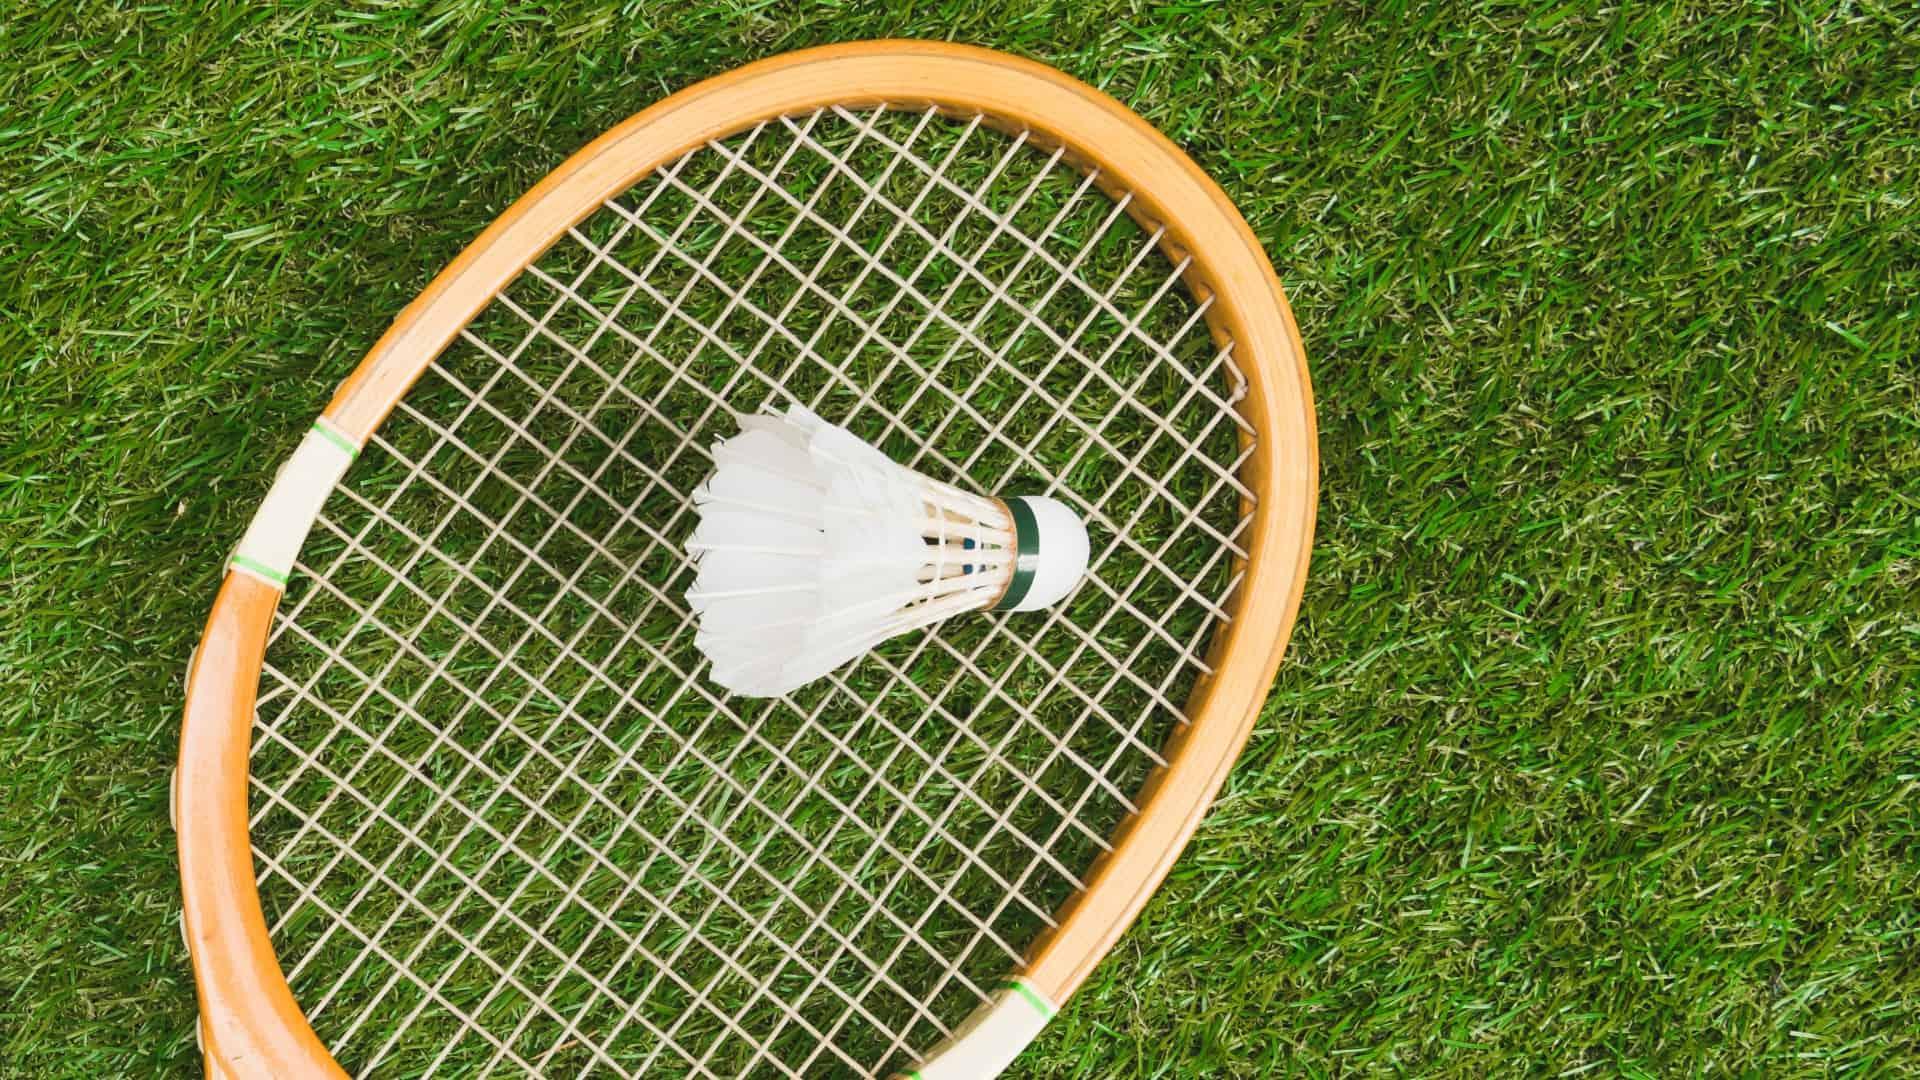 Raquetas de bádminton: ¿Cuál es la mejor del 2021?